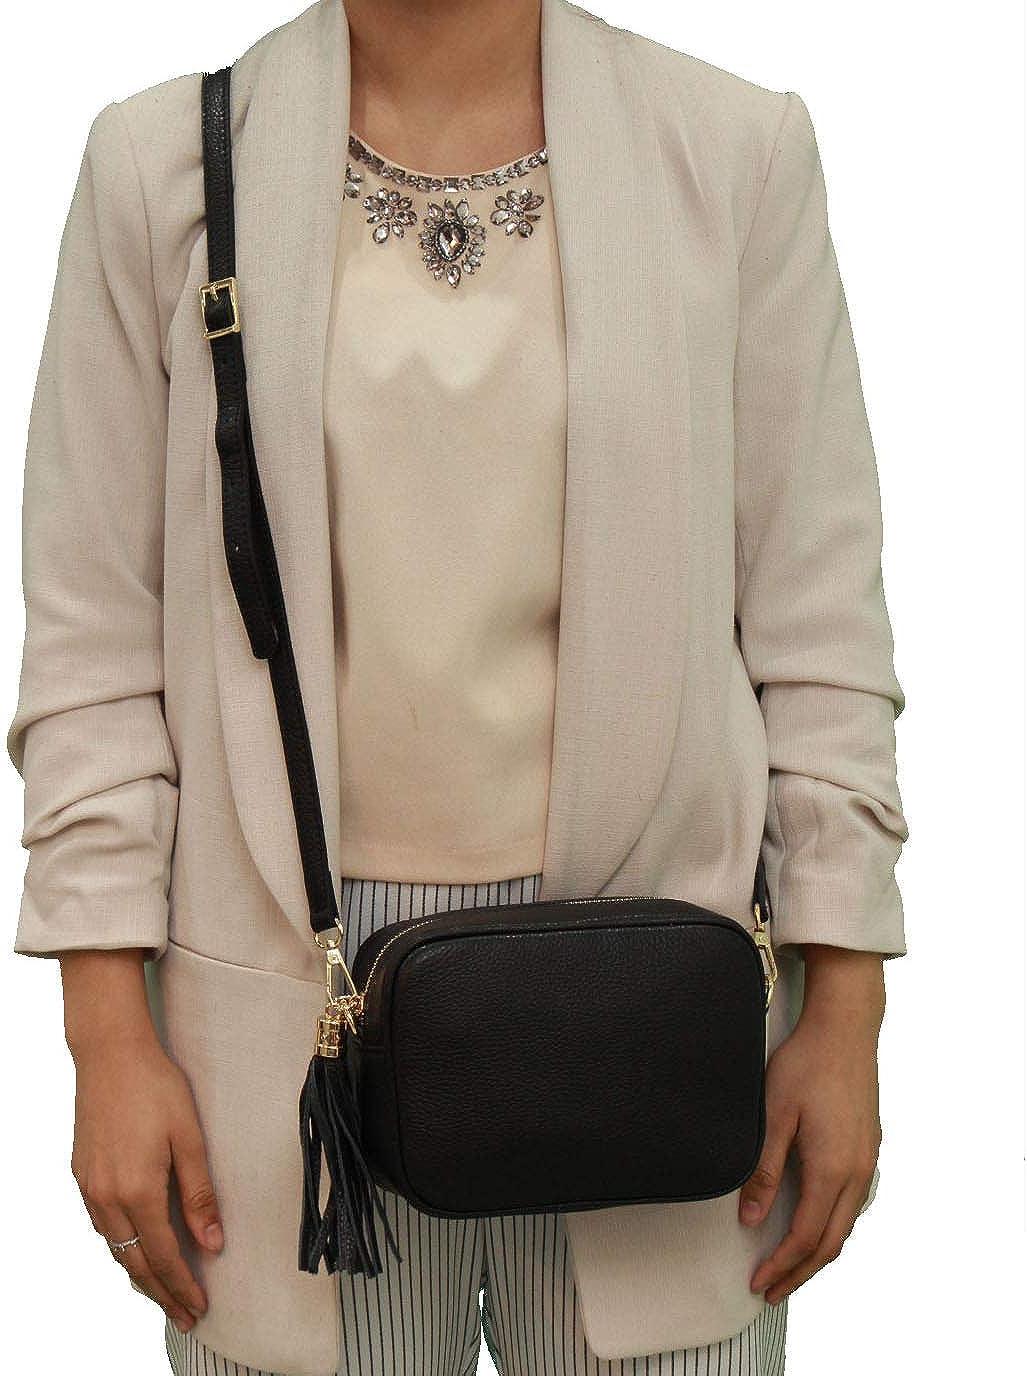 A to Z Leather Sac compact à bandoulière en cuir souple grainé pour femme doté d'un zip pompon à franges Noir